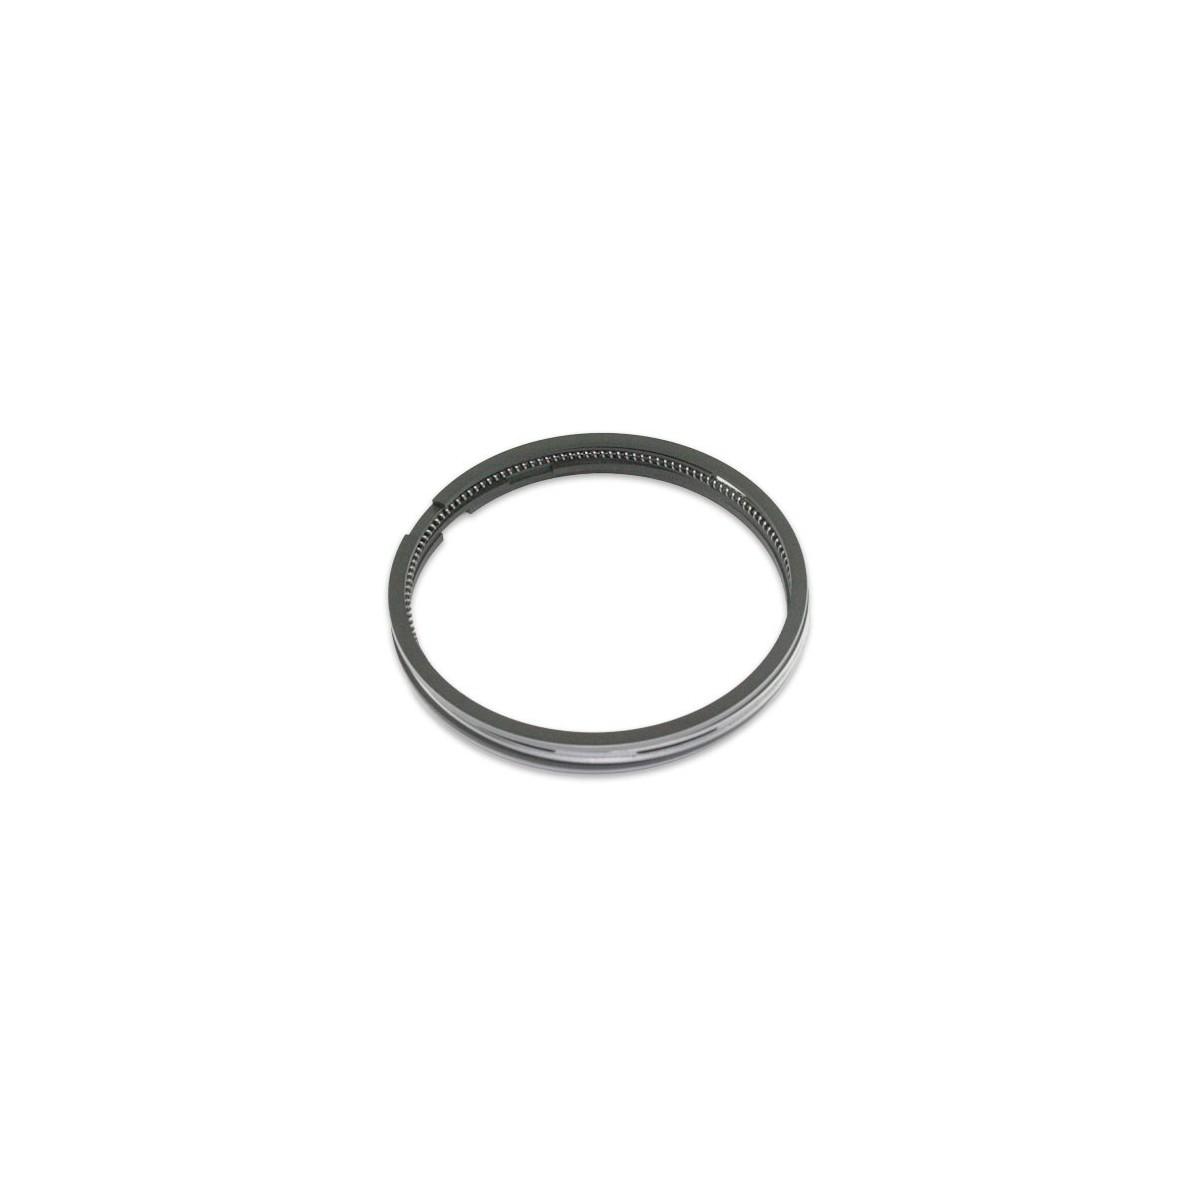 Zestaw pierścieni na tłok Hinomoto E23 92mm